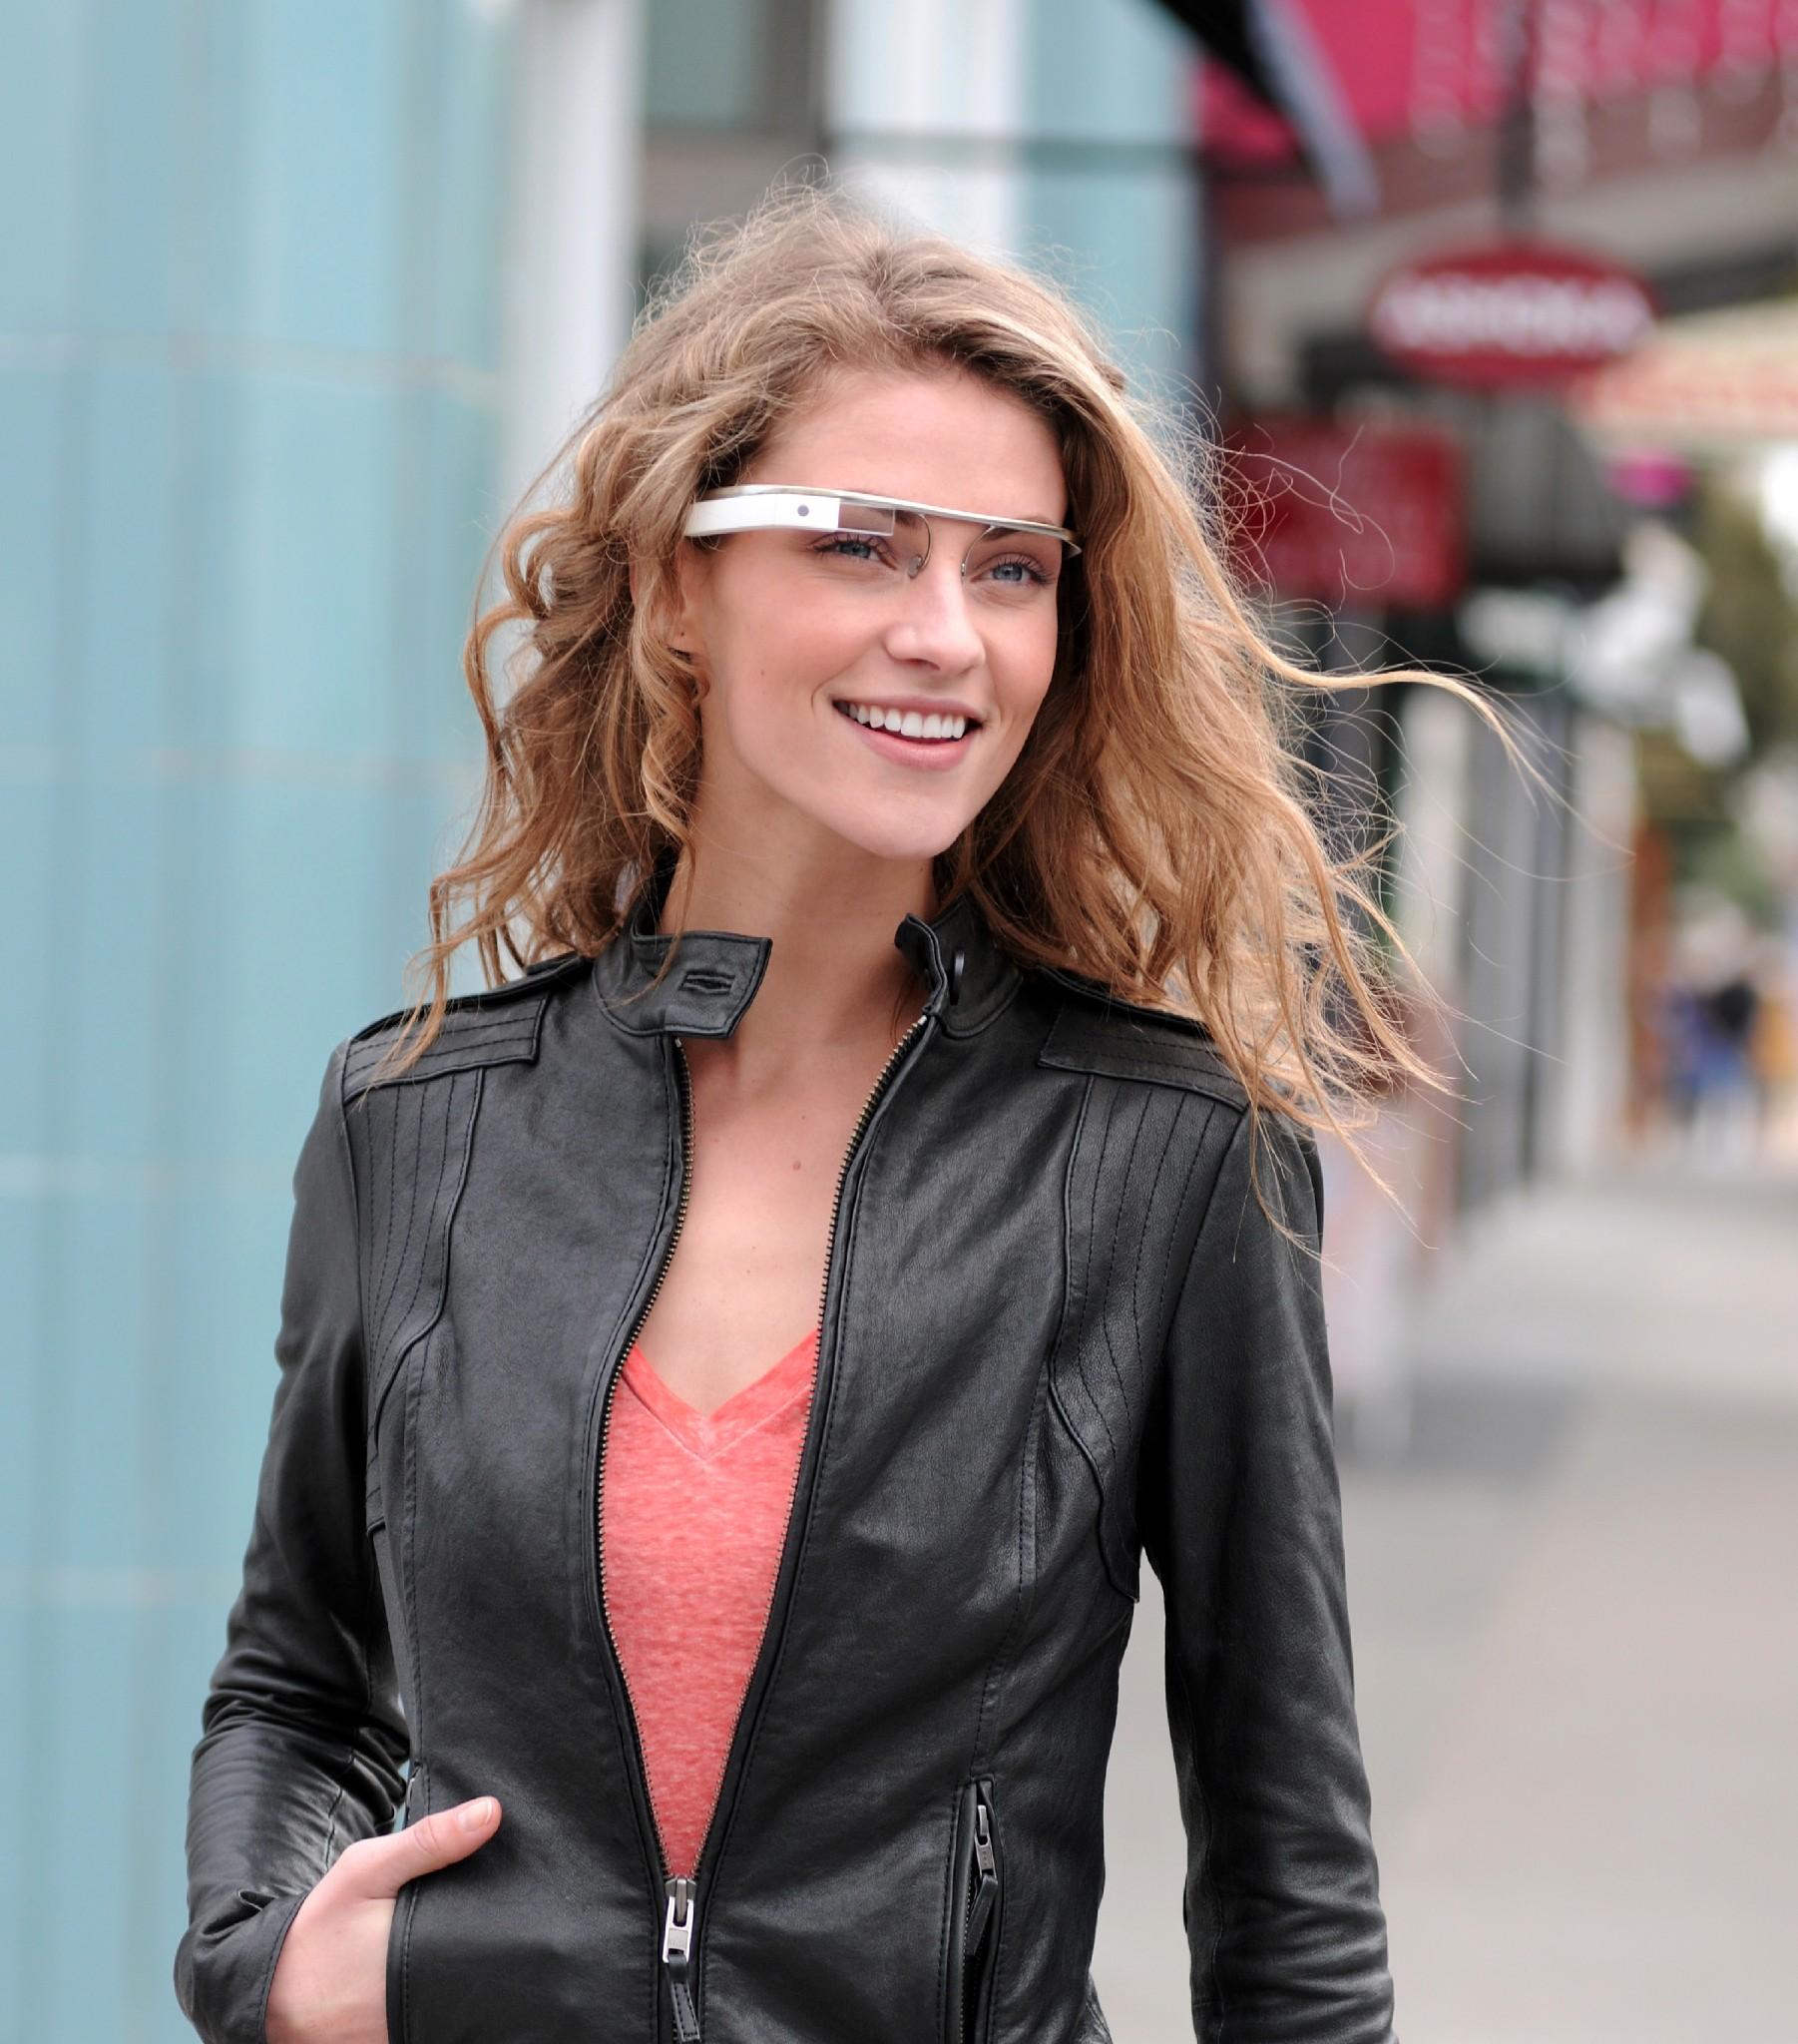 Proyecto Glass de Google